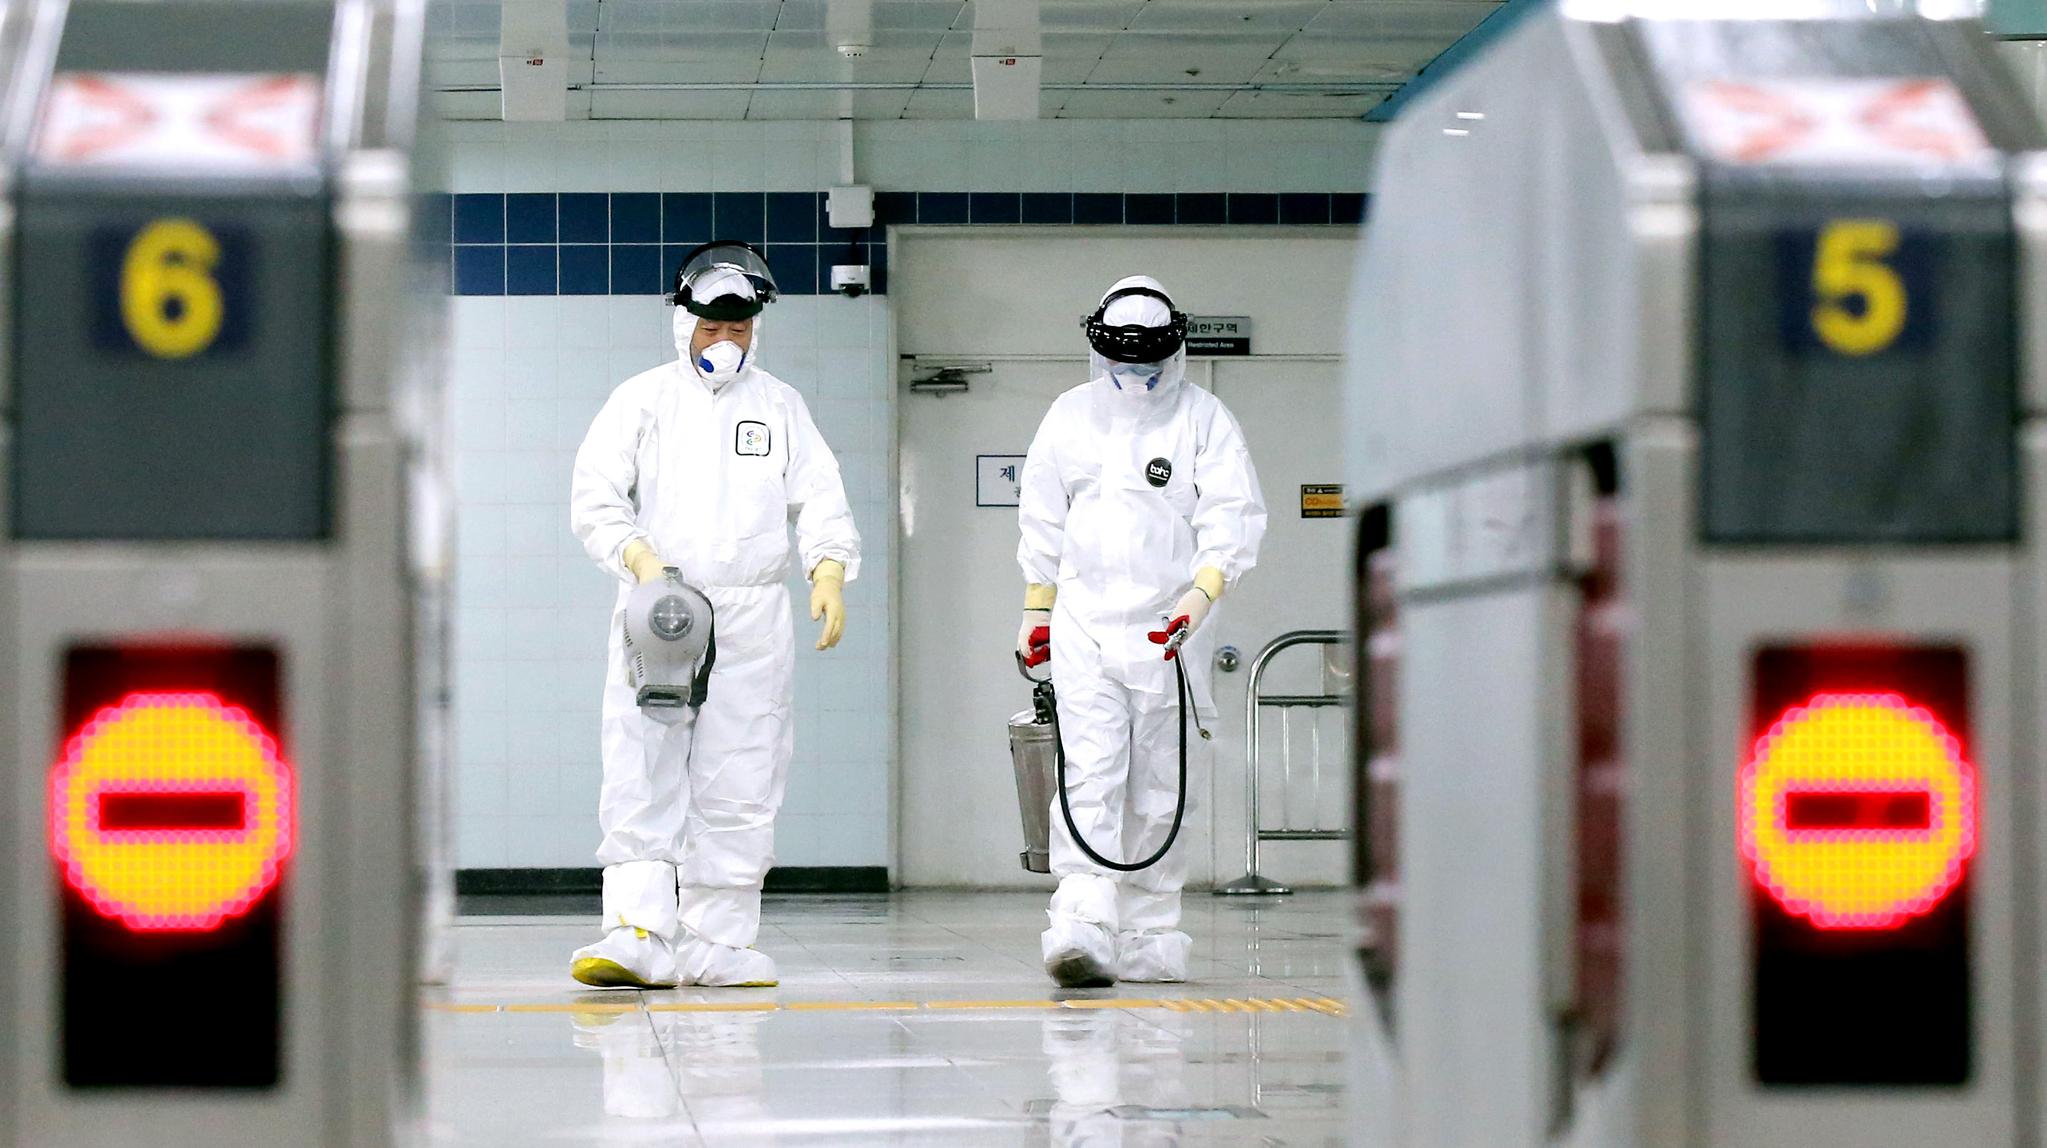 서울 관악구에서 2번째 확진자 발생…대구 방문한 20대